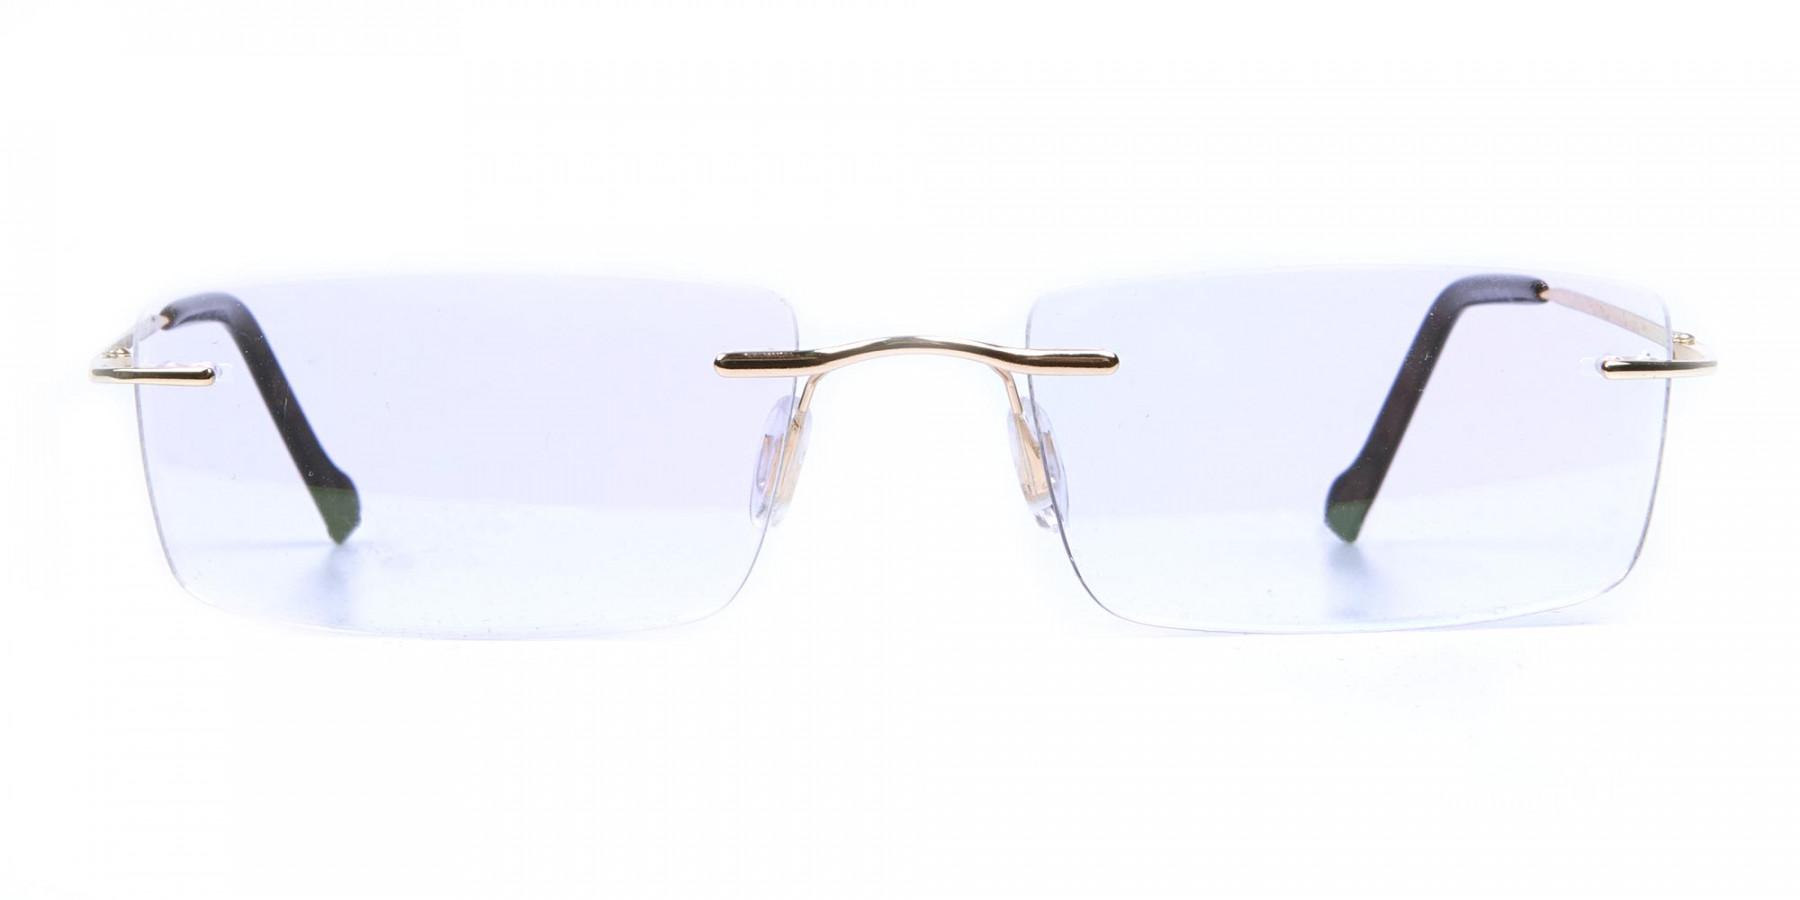 Rimless Glasses in Gold for Men & Women -1